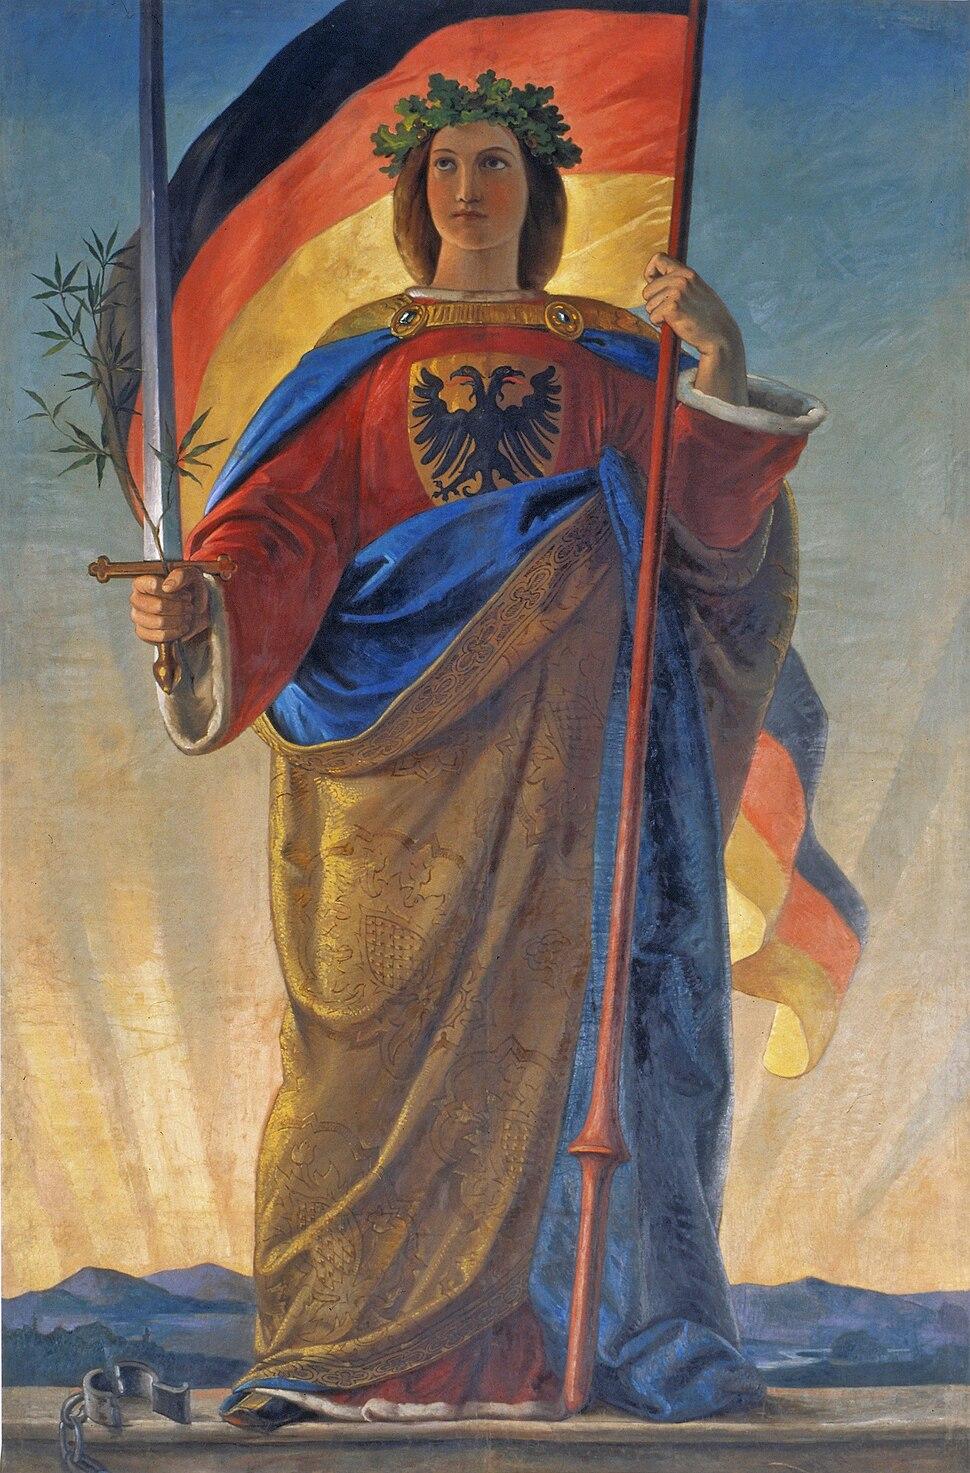 Image Germania (painting)